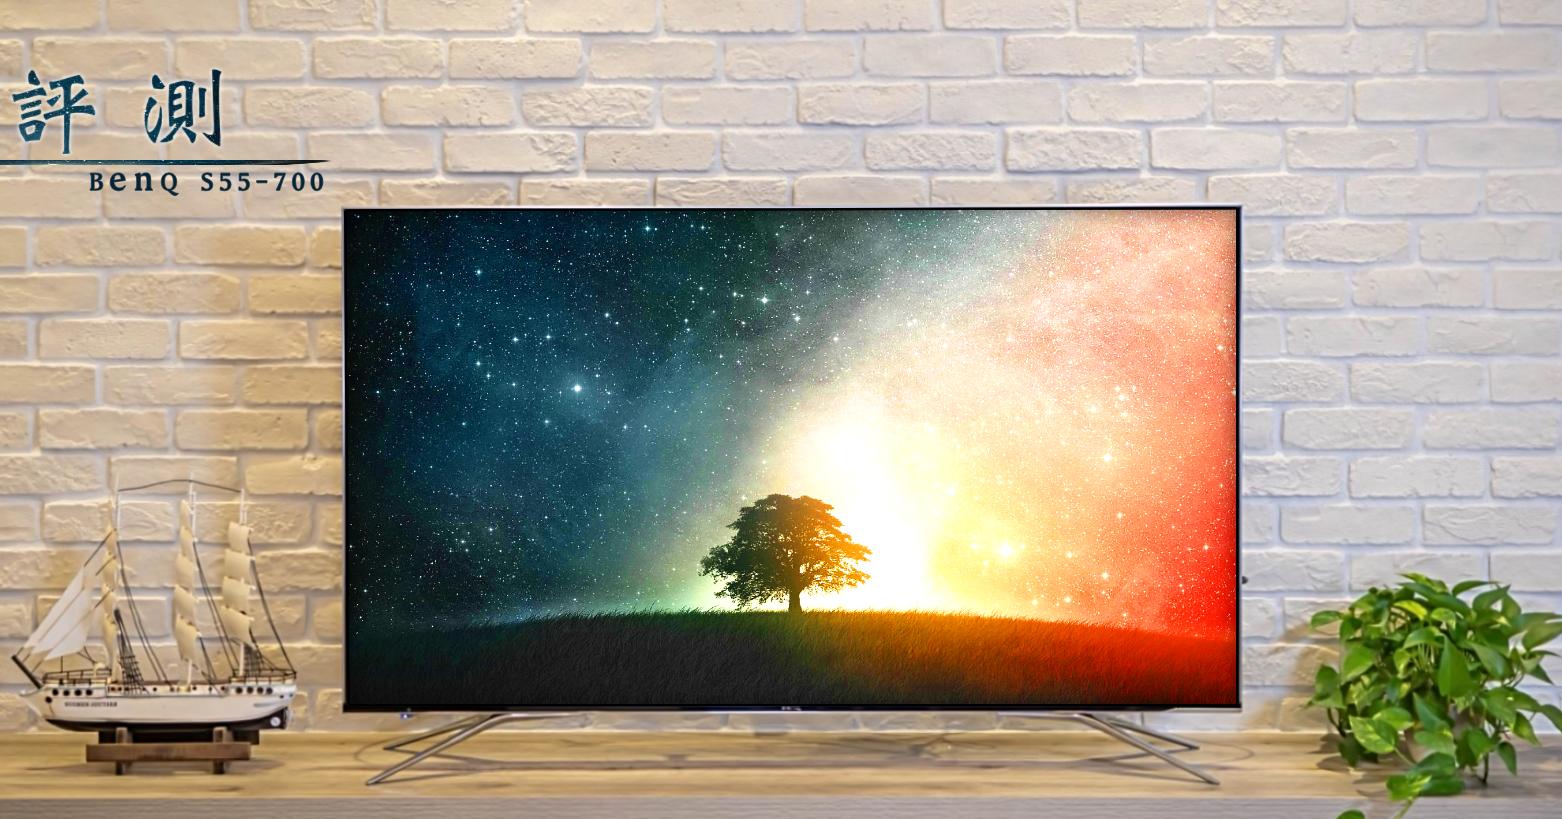 編輯評測:BenQ S55-700 4K HDR廣色域電視,是55吋電視裡非常推薦的機種之一